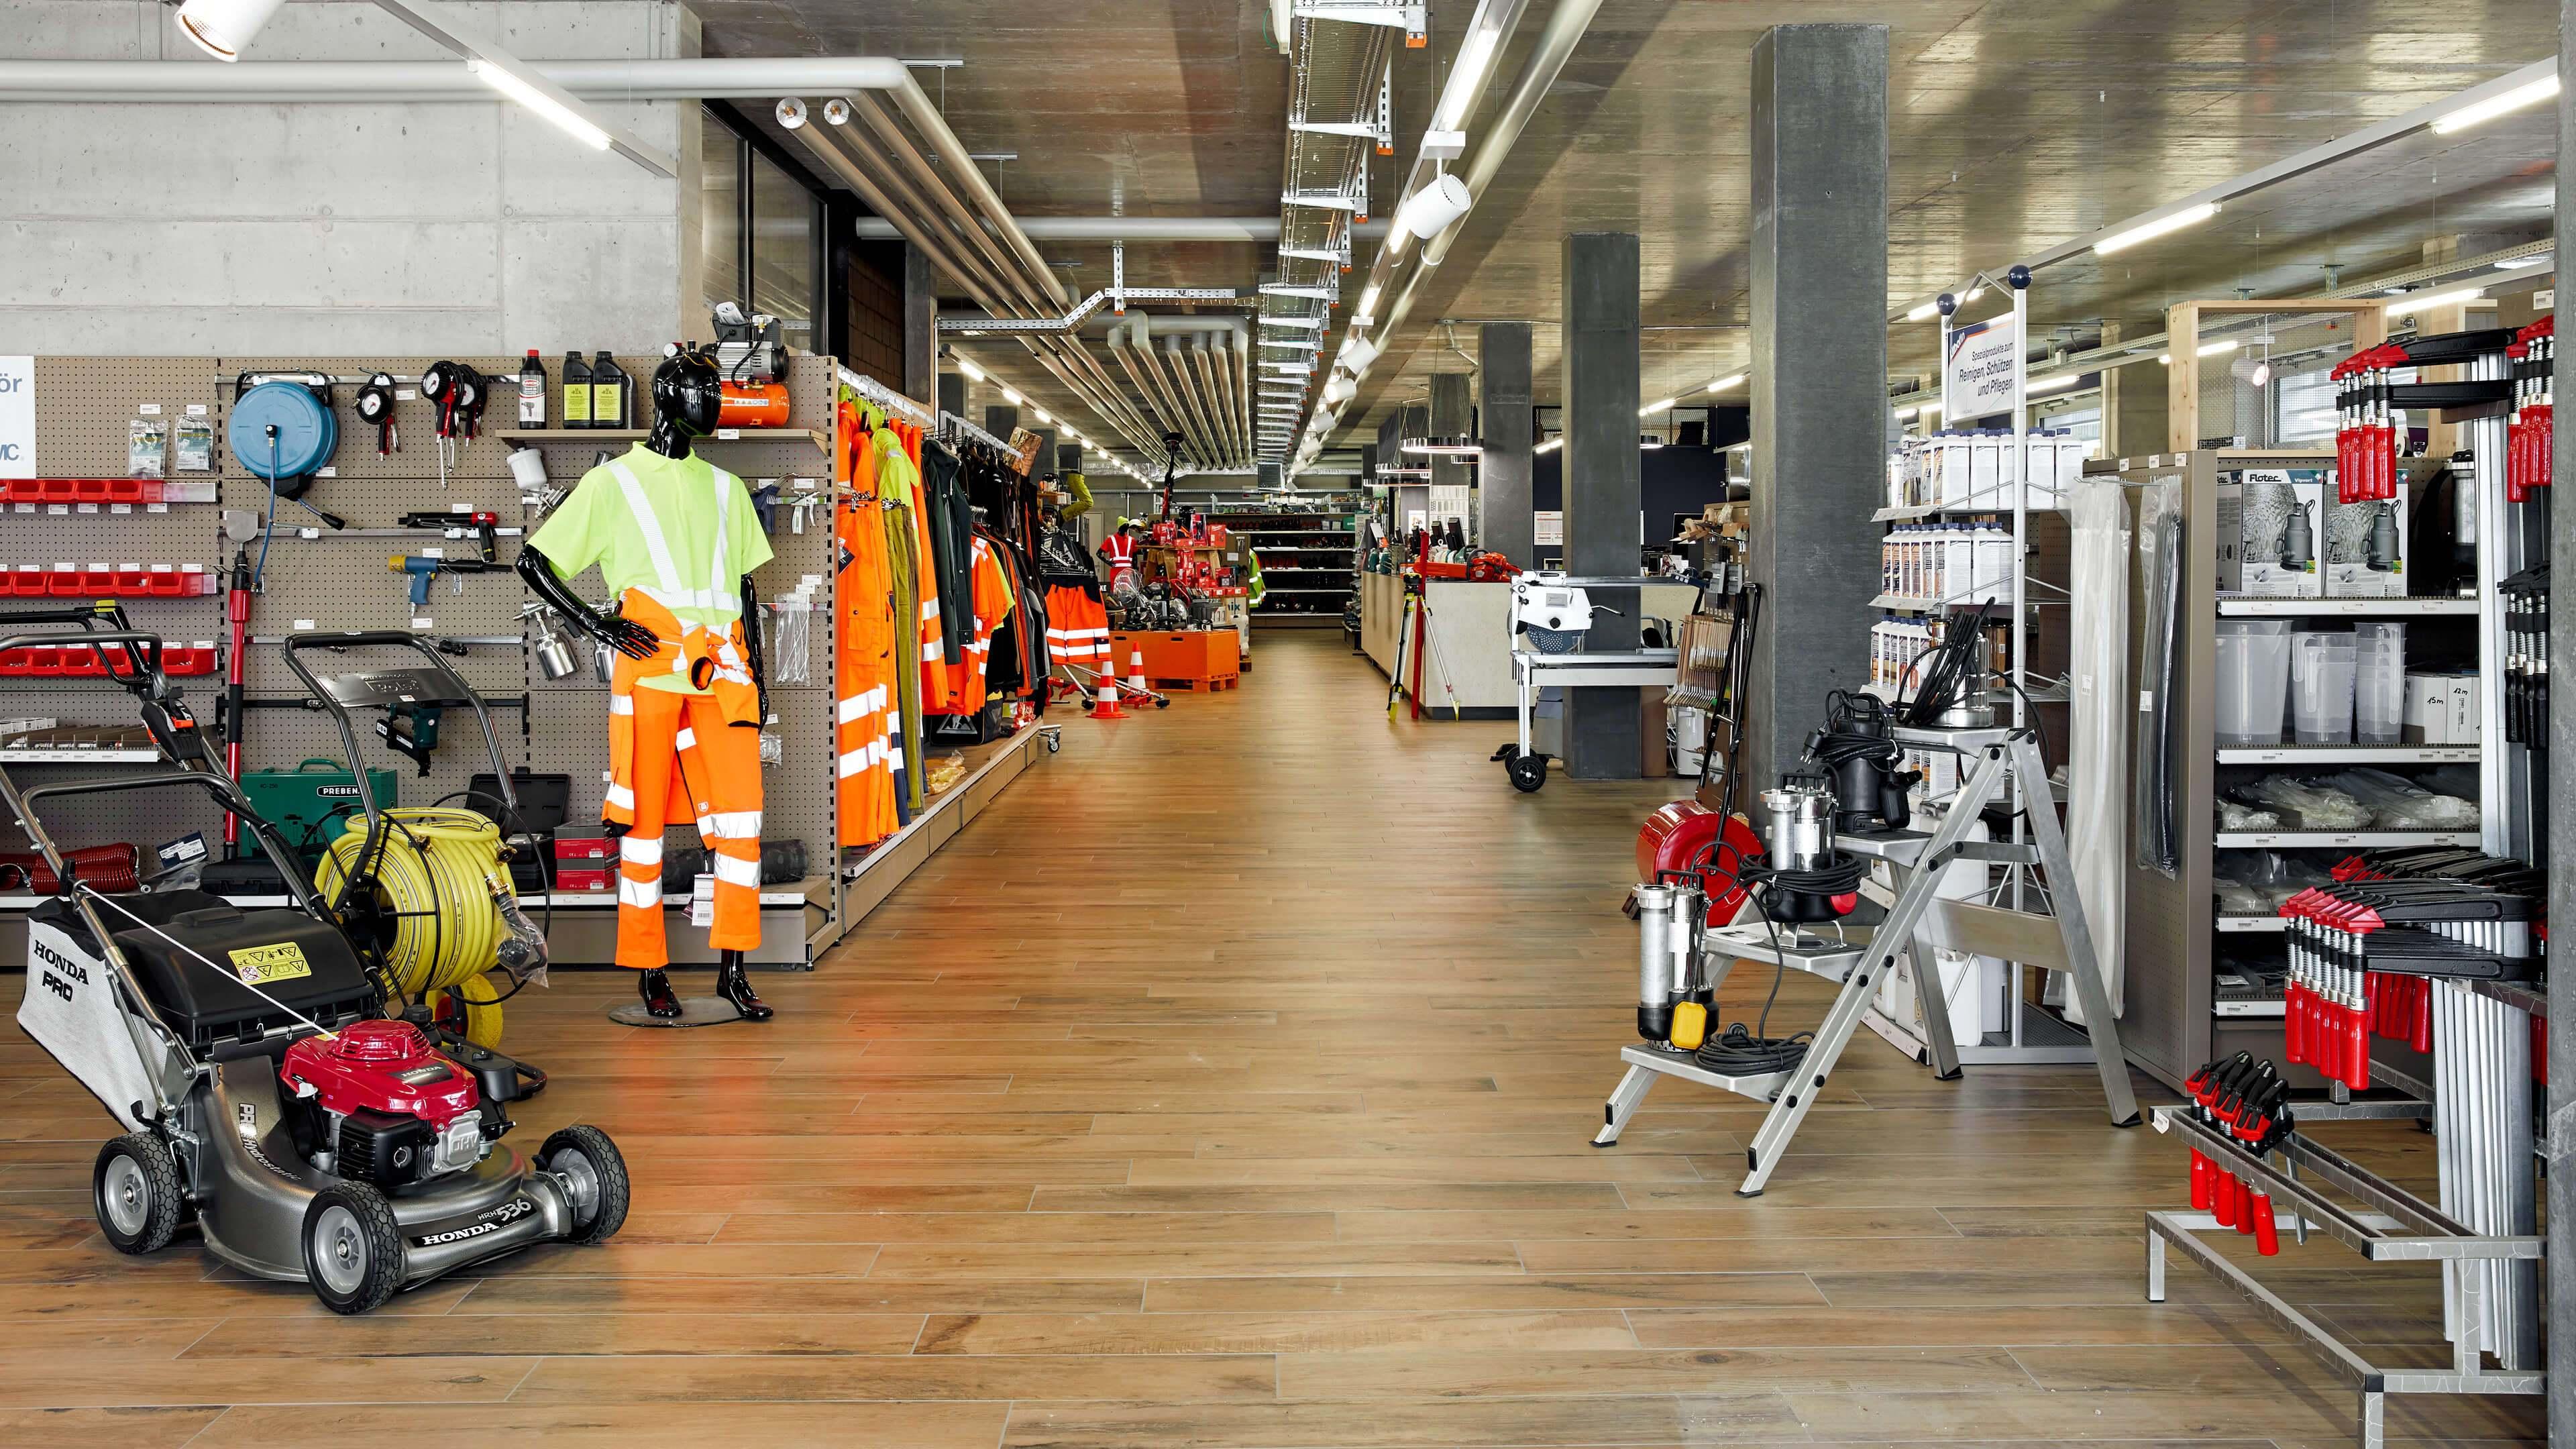 Arbeitsbekleidung, Werkzeug und Arbeitsschutz in den Beratung und Ausstellung Handwerkershops Hinwil, Nänikon und Bülach